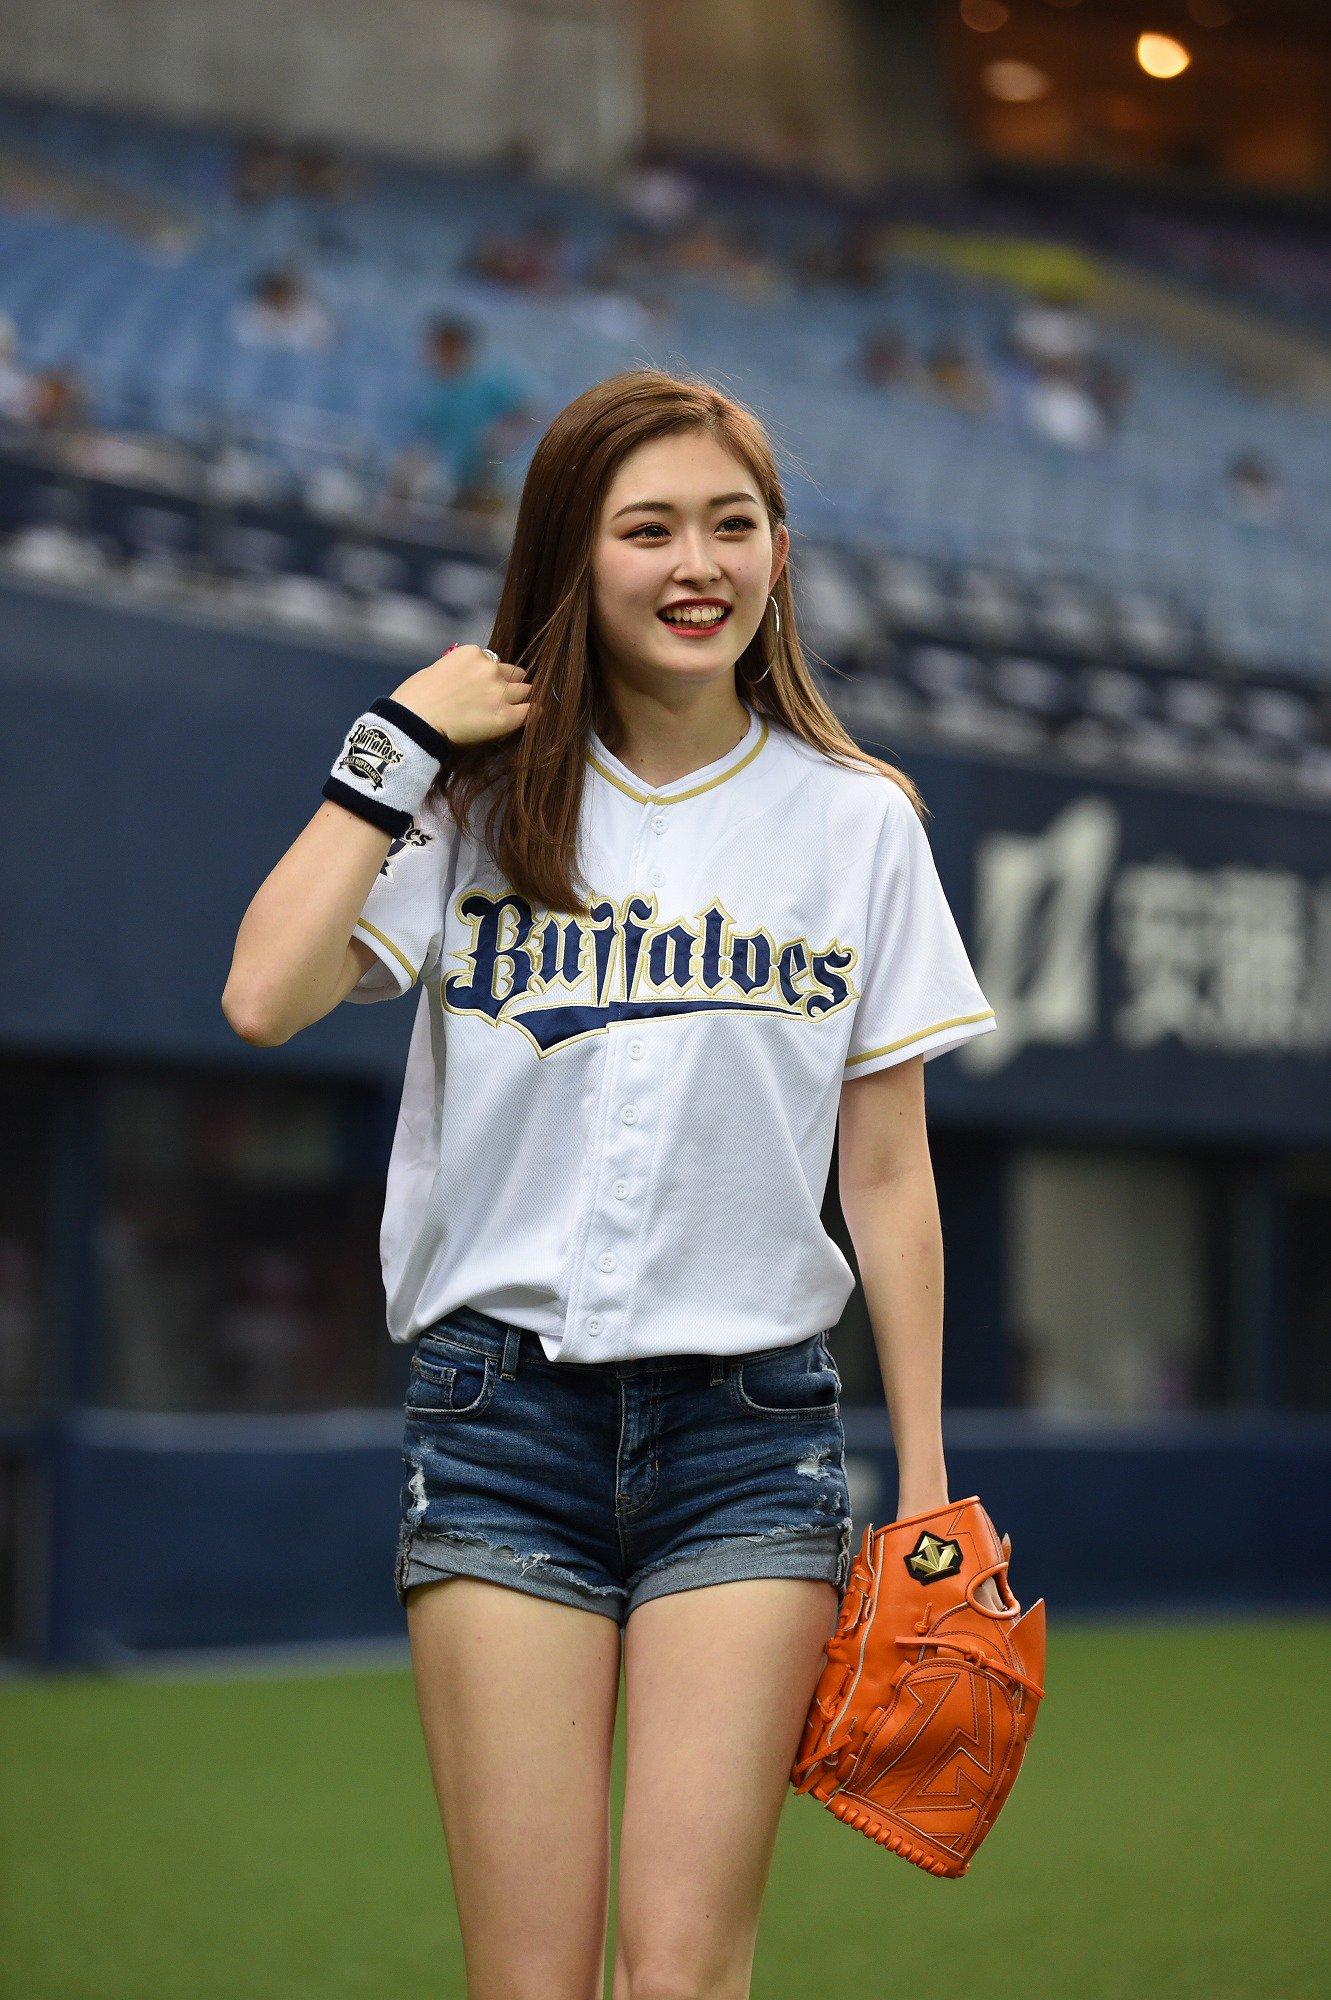 ゆうちゃみさん野球ユニフォームの顔画像